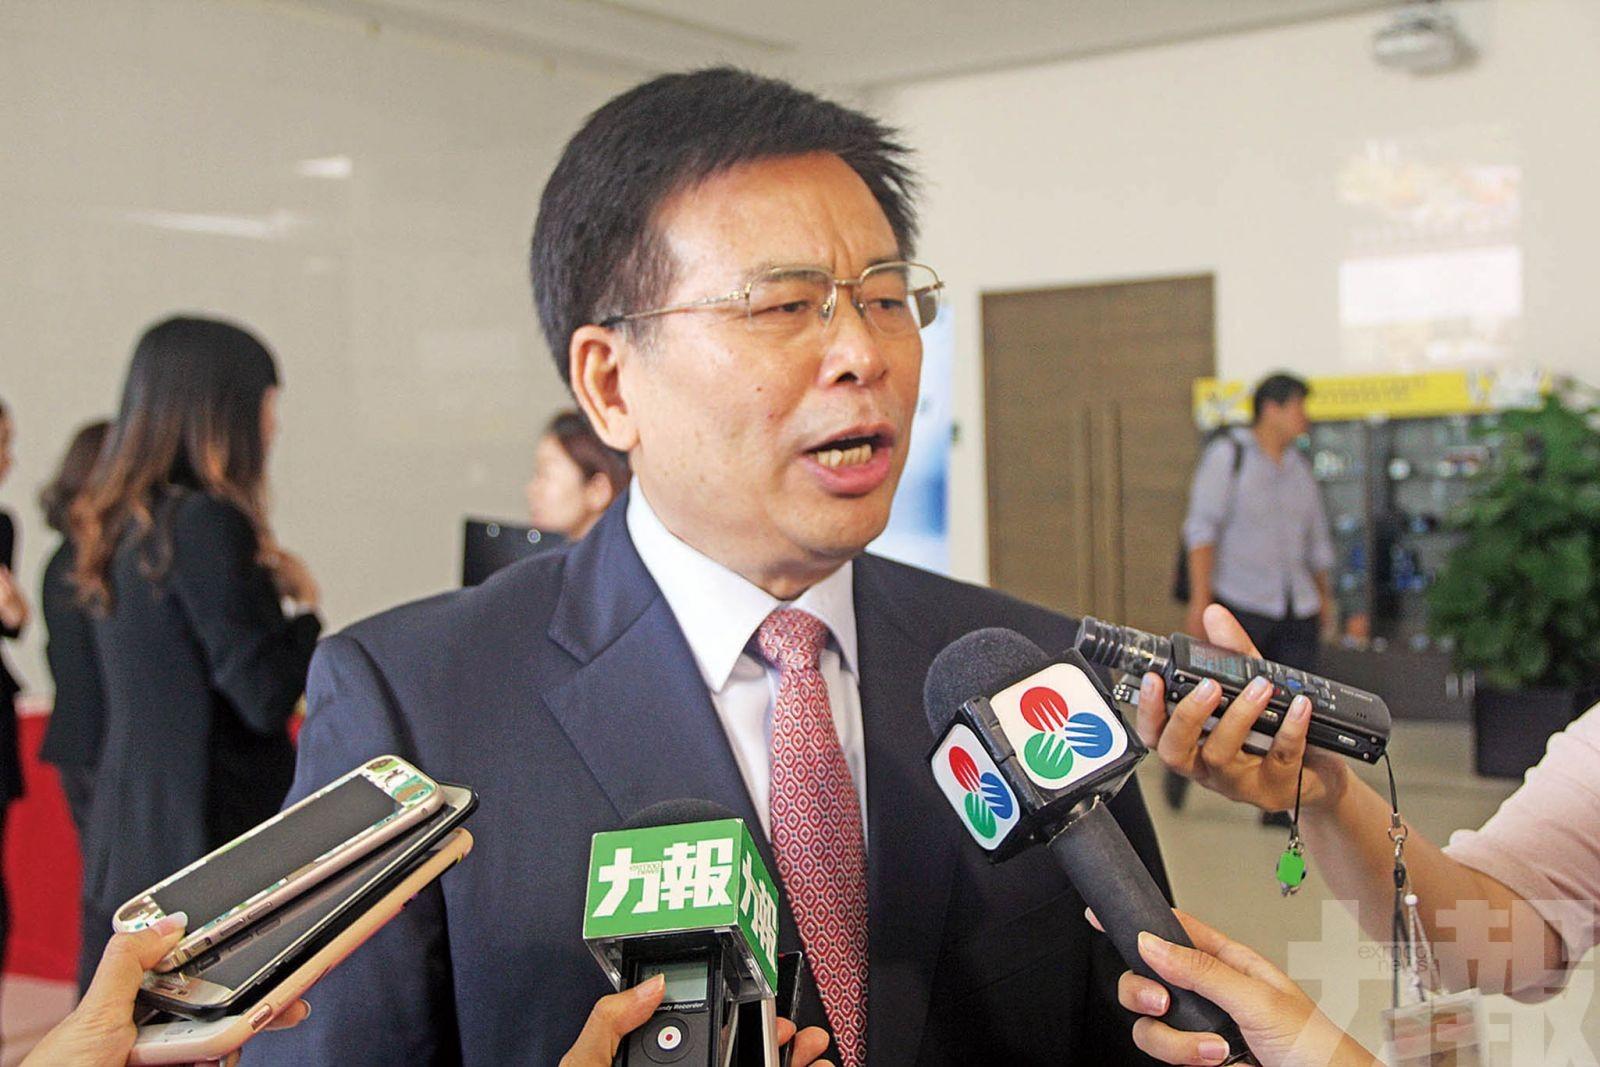 澳門科大校長劉良成為澳門首位中國工程院院士